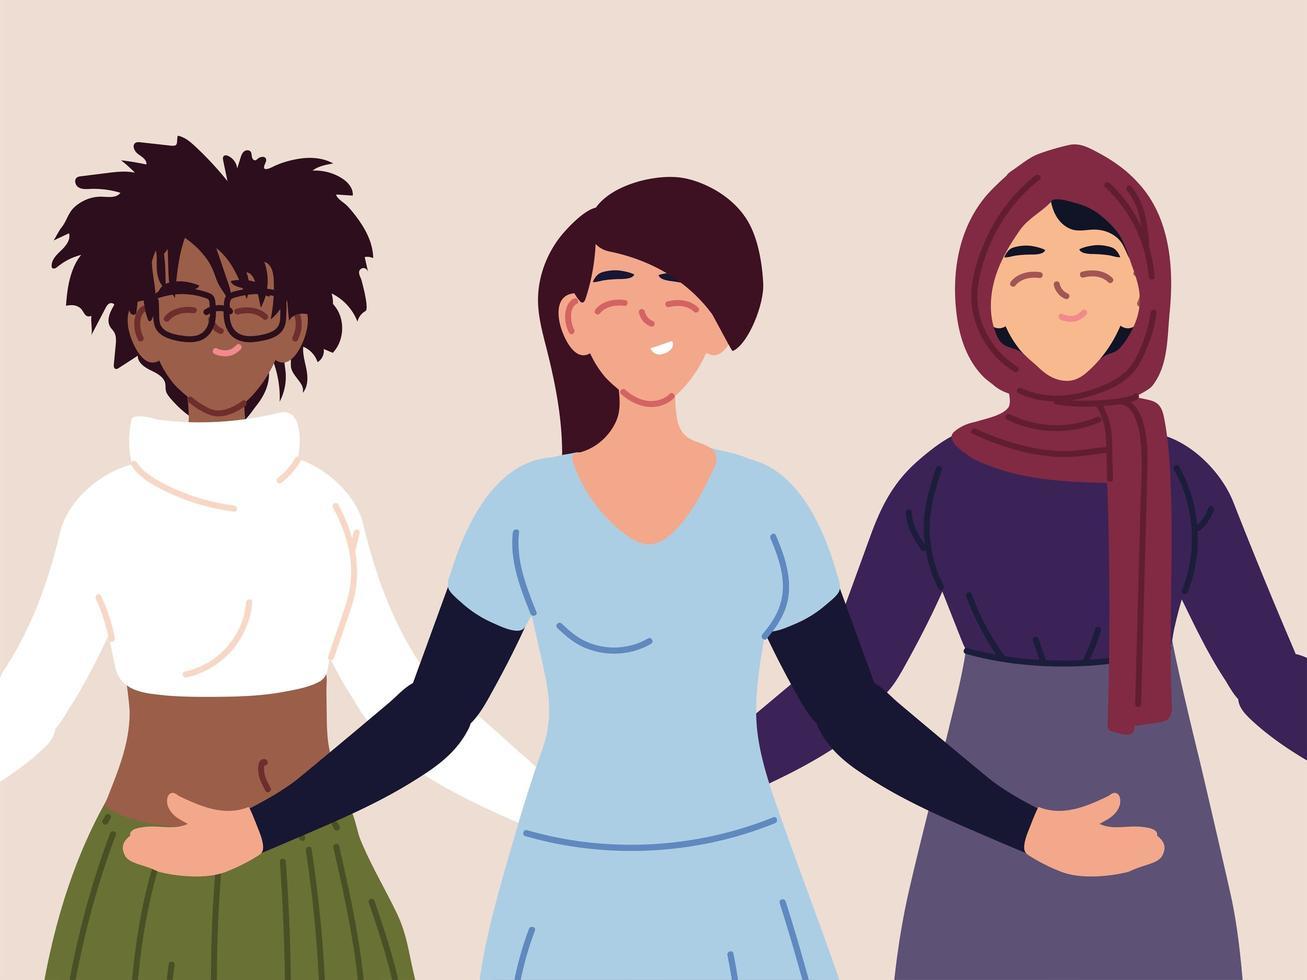 retrato de mulheres multiétnicas juntas vetor